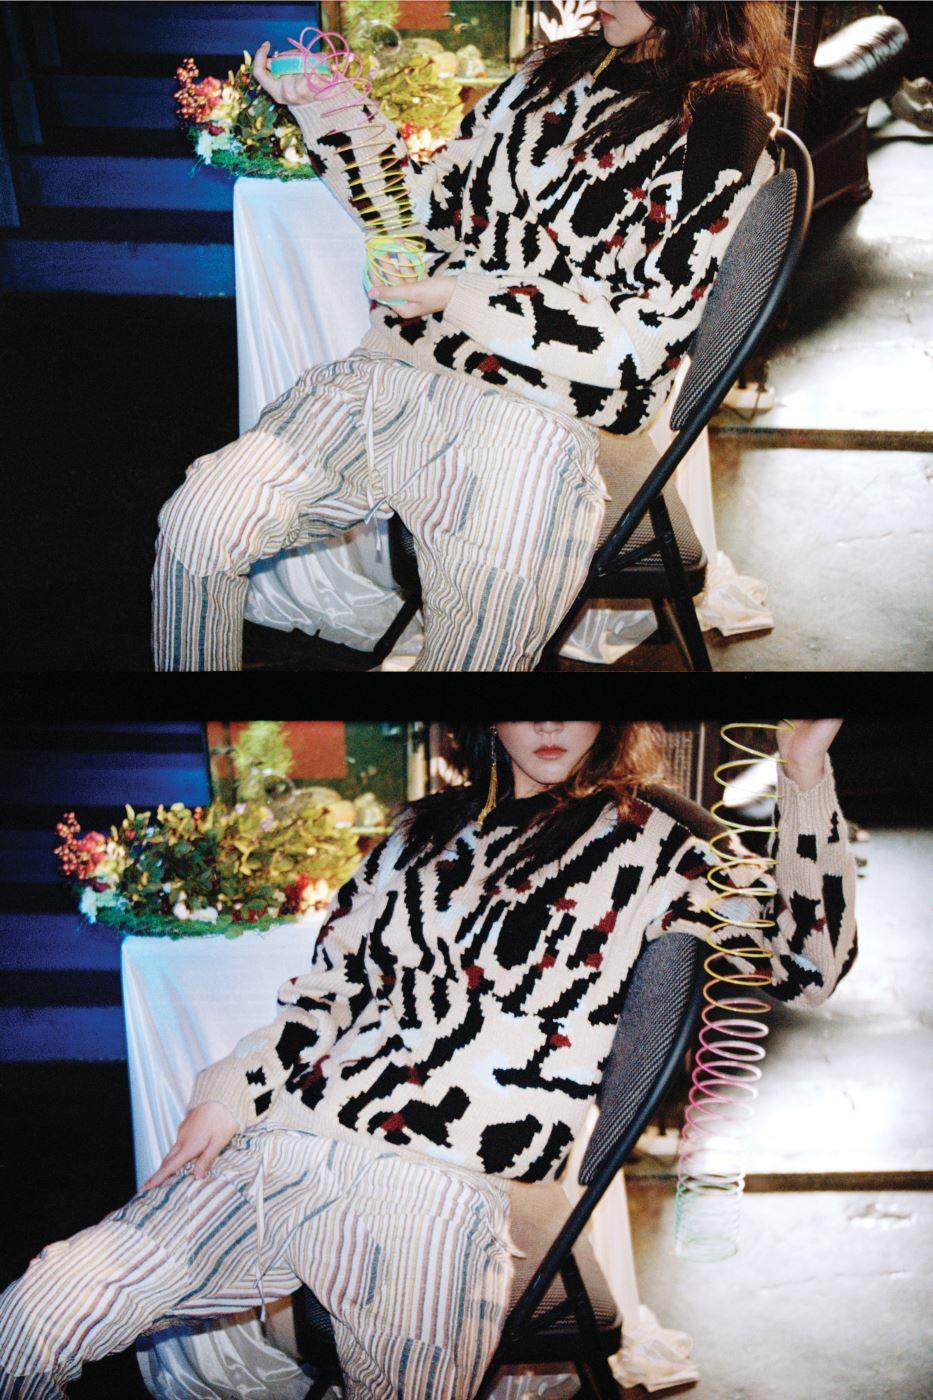 레오퍼드 프린트를 그래픽적으로 표현한 니트 풀오버와 여유로운 실루엣의 줄무늬 팬츠는 Chloe 제품. 귀고리는 에디터 소장품.